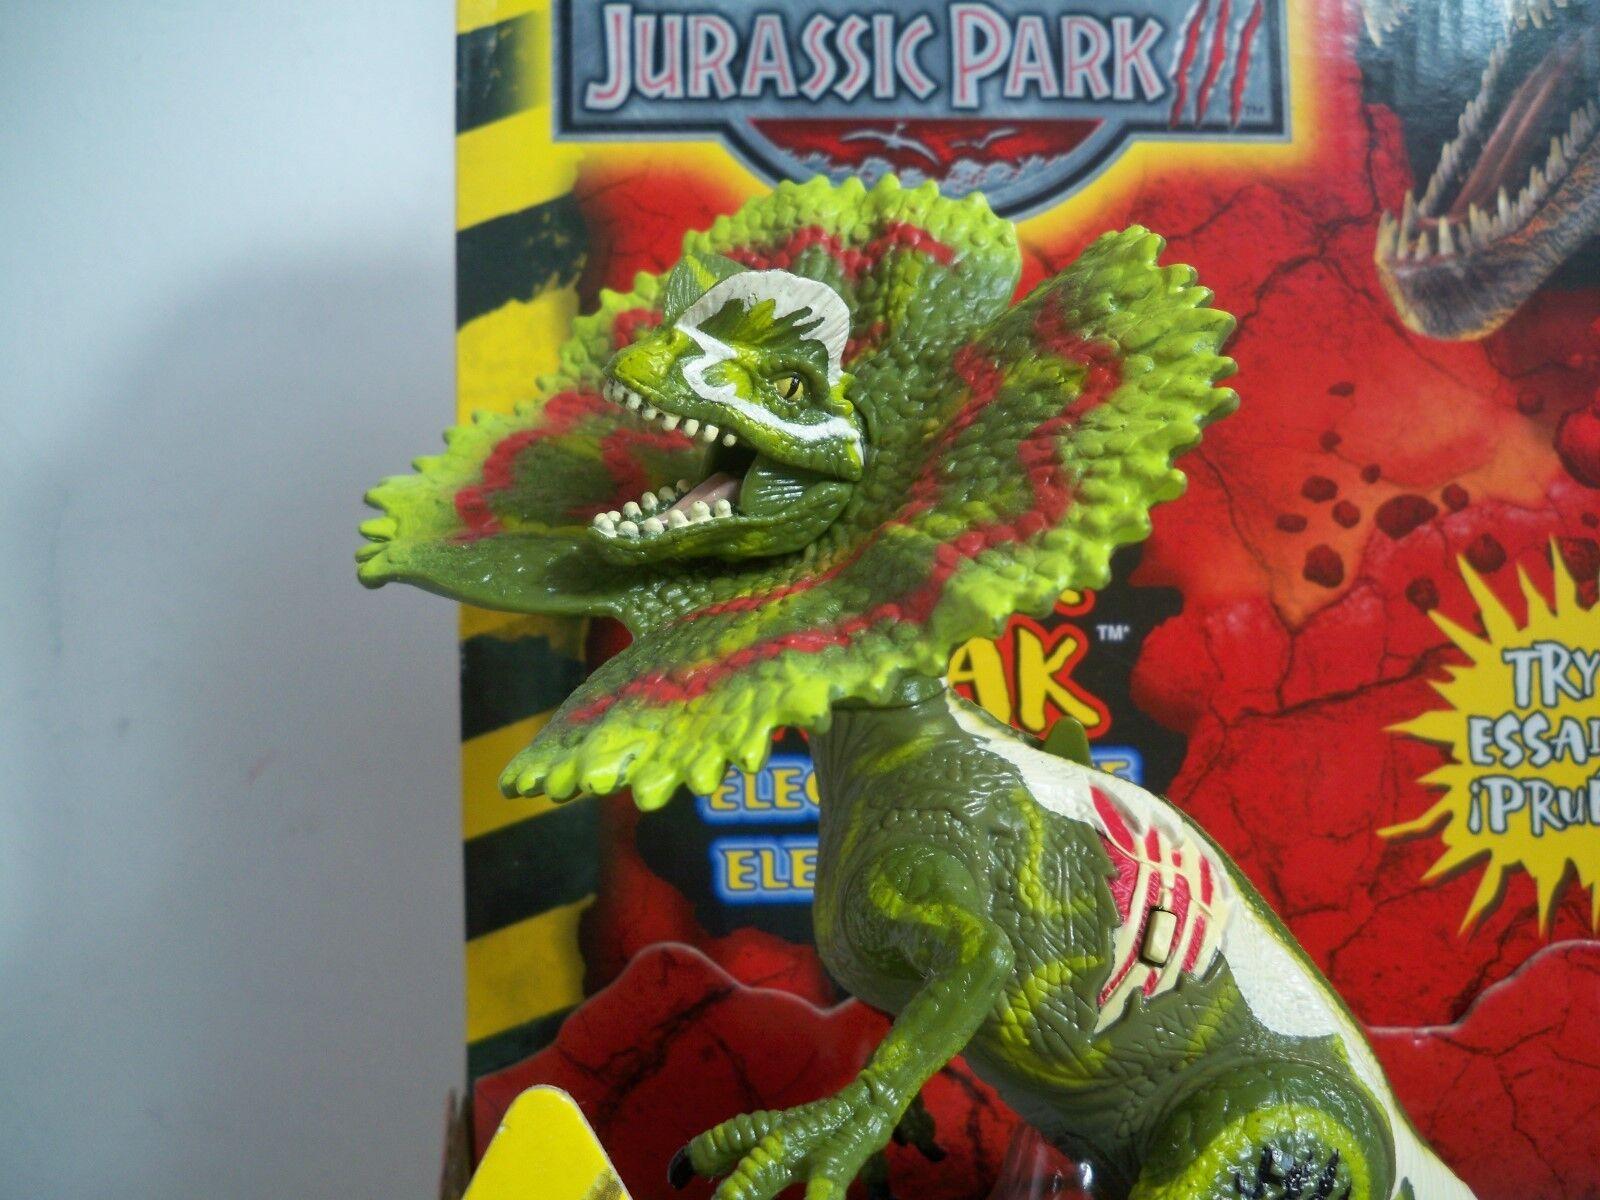 K180575 bon En parfait état, dans sa boîte Comme neuf in box reak Atak 2000 Jurassic Park 3 complet